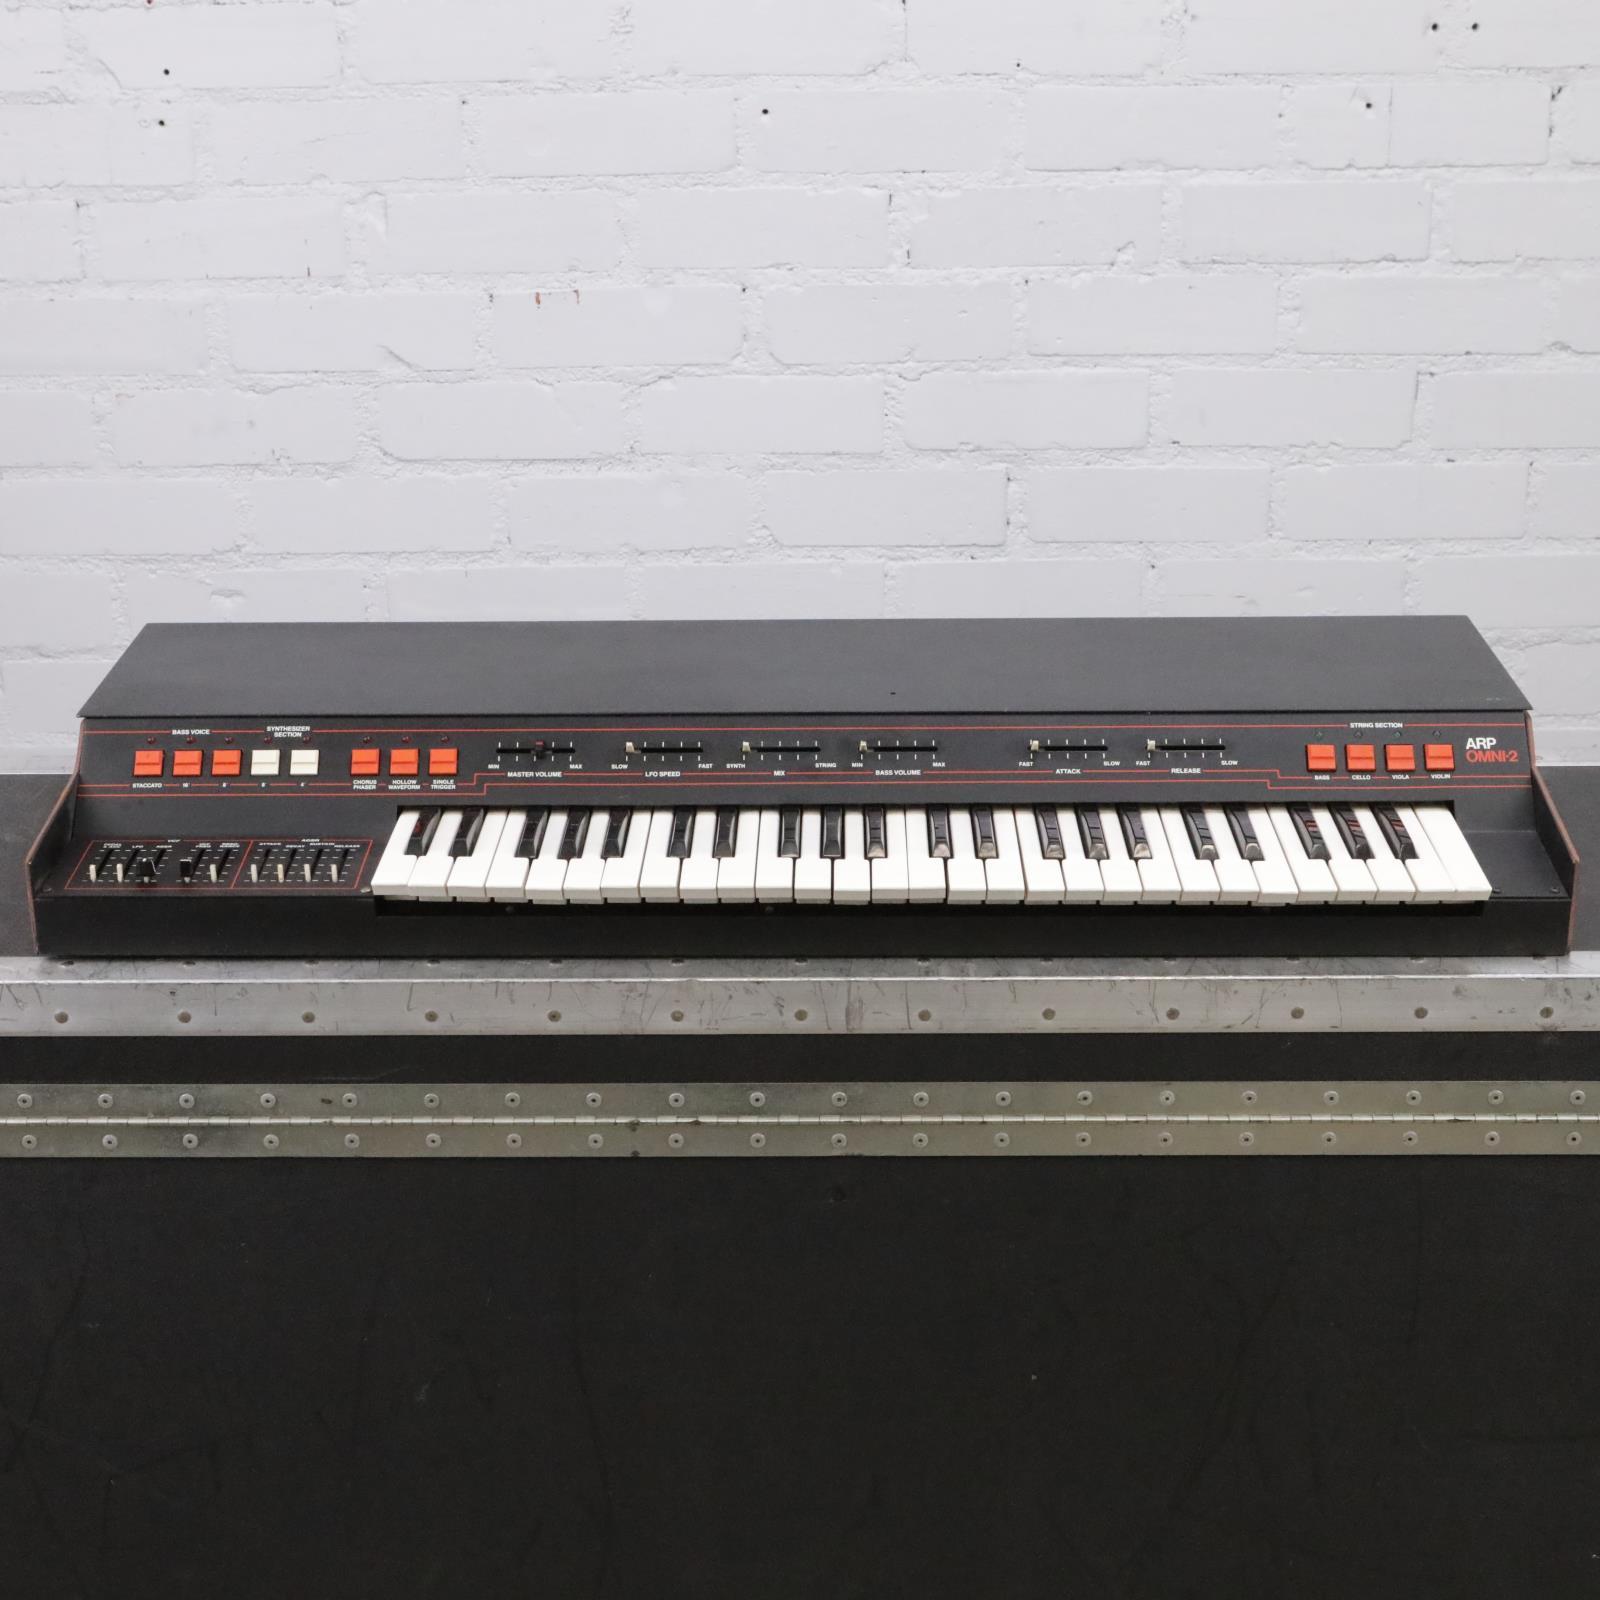 ARP Omni-2 Model 2473 3-Section Analog Synthesizer #44019